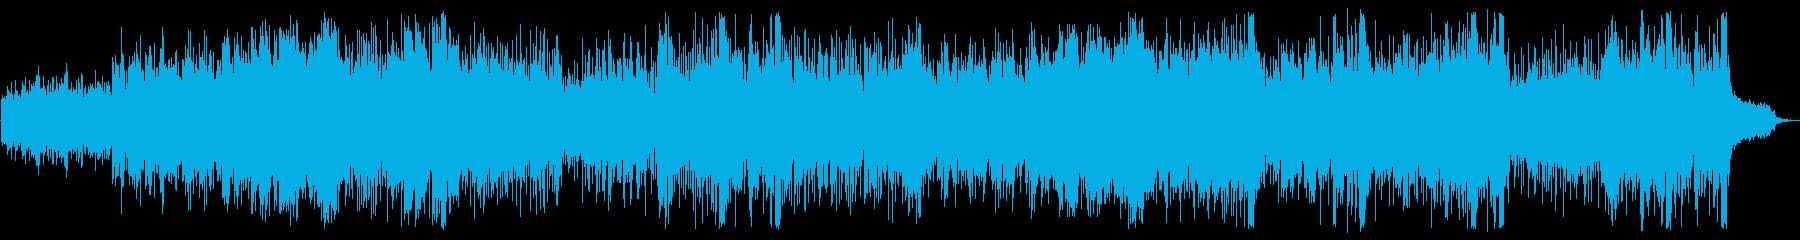 エアリアル センチメンタル 感情的...の再生済みの波形